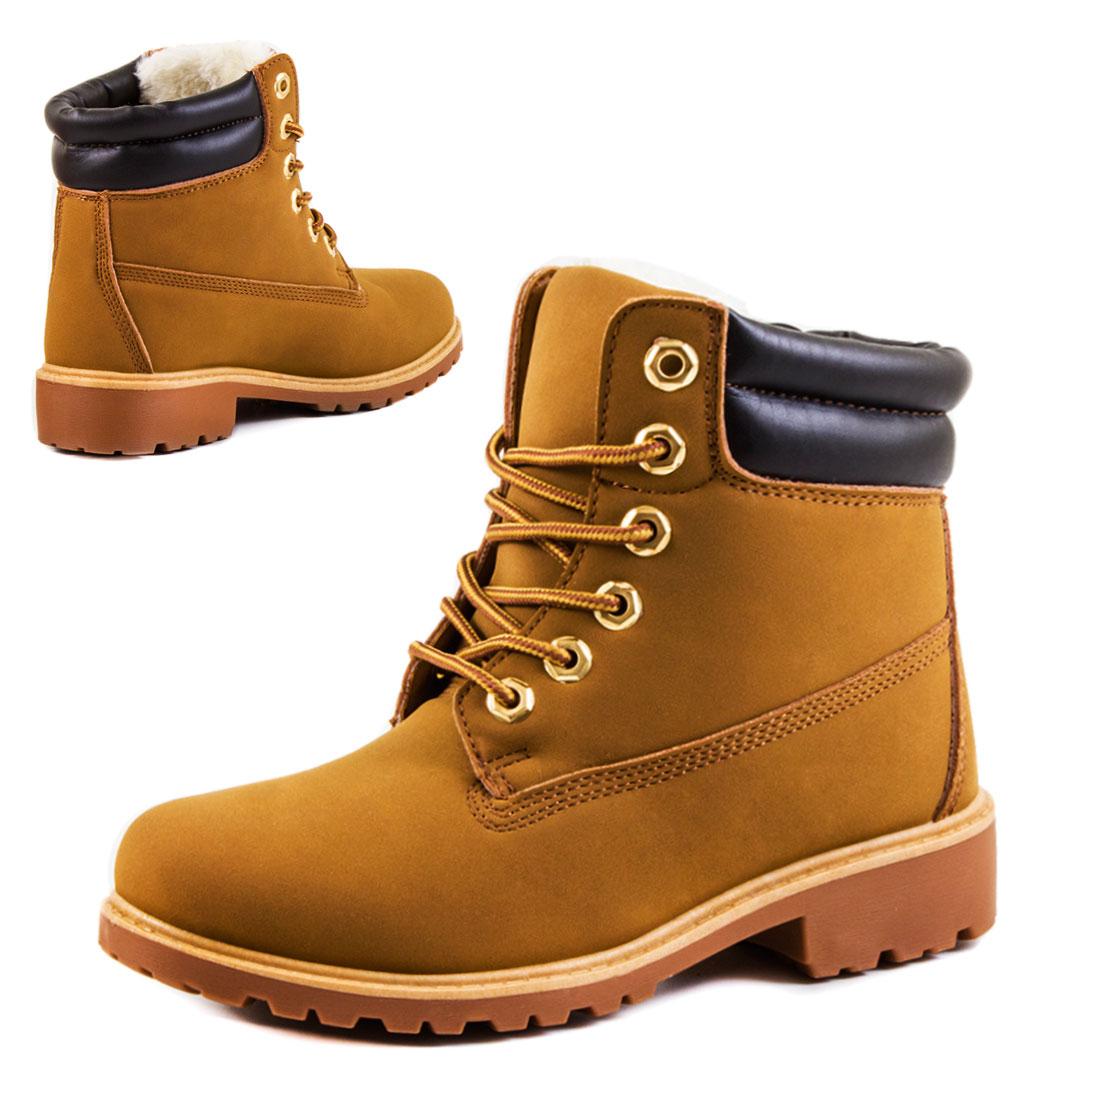 Stiefelette Damenschuhe warme Kunst Fell Winter Combat Boots 36 37 38 39 40 41